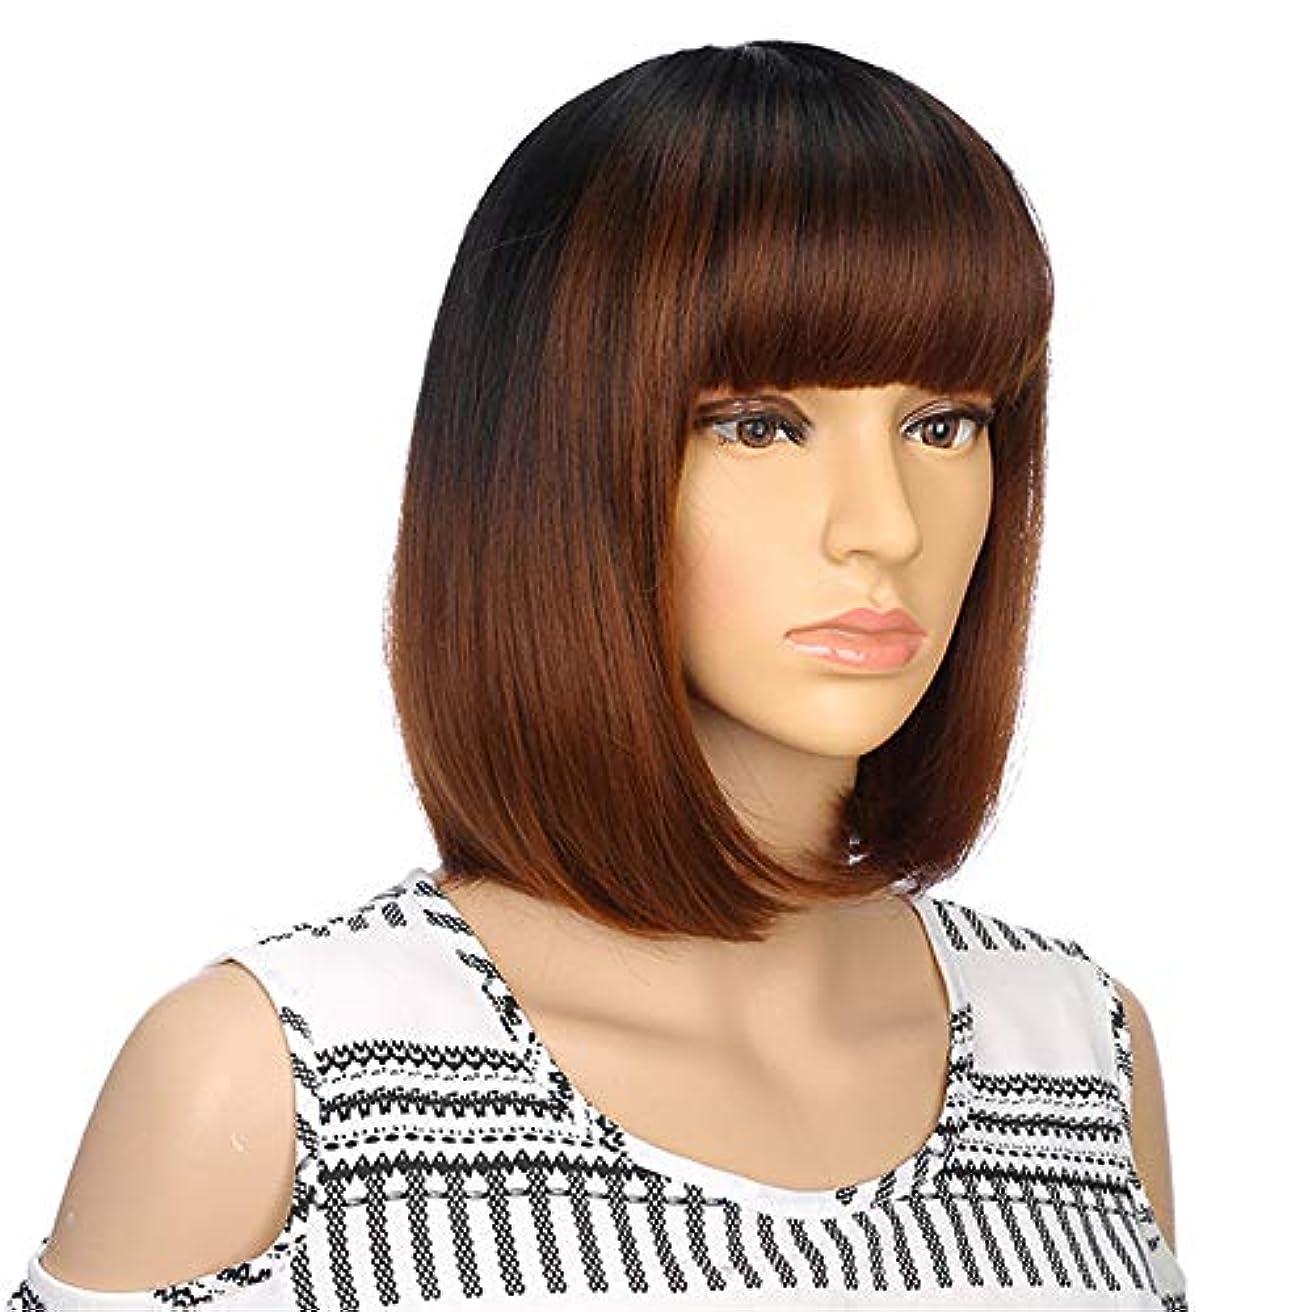 ヘアエクステンション合成ブラウンストレートウィッグ女性用前髪長ボブヘアウィッグ耐熱ヘアスタイルコスプレウィッグ13インチ